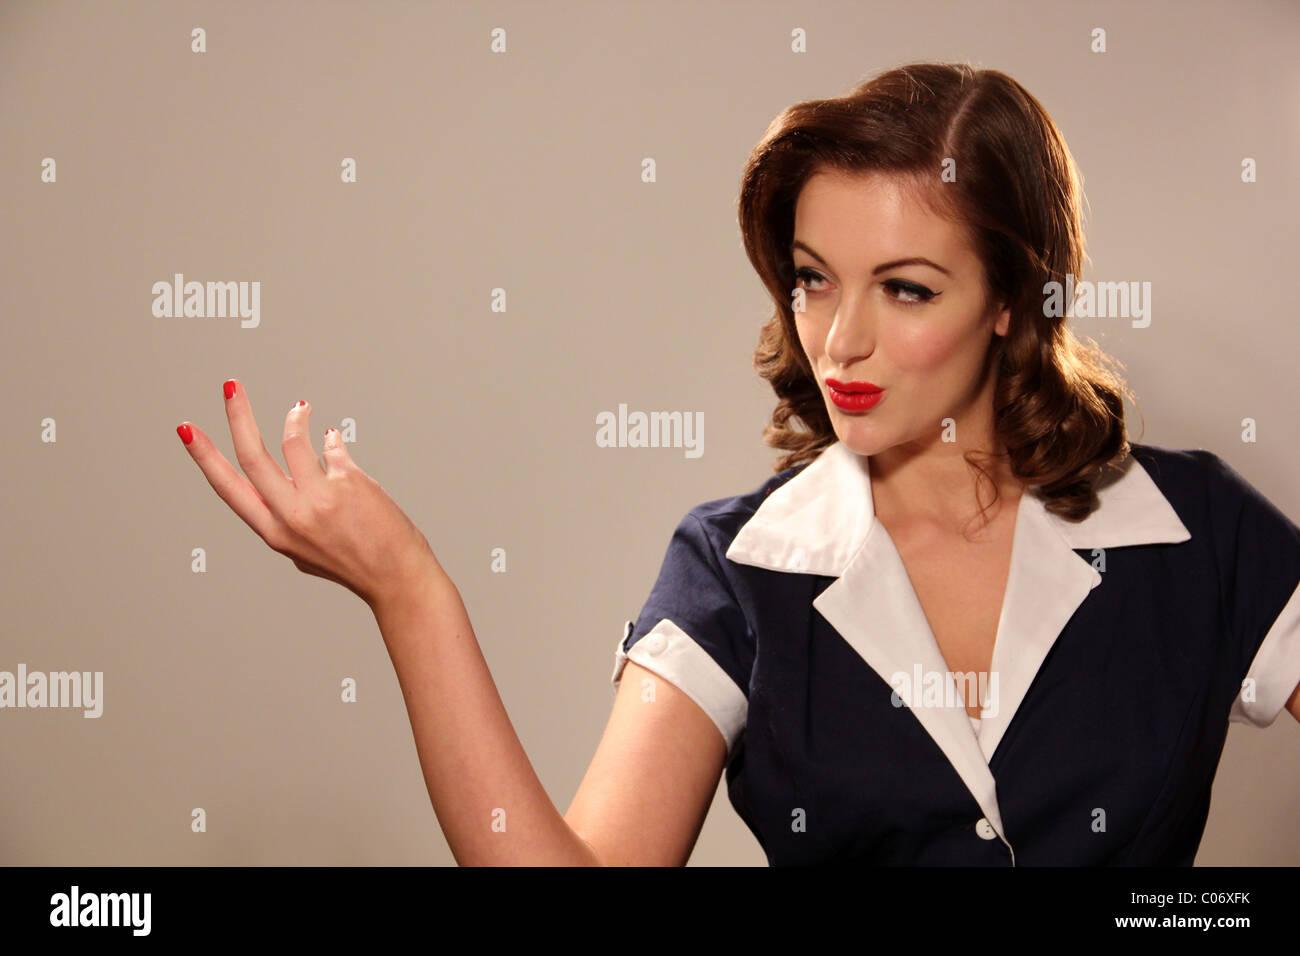 Mulher na década de vestuário apontando para um objeto imaginário Imagens de Stock